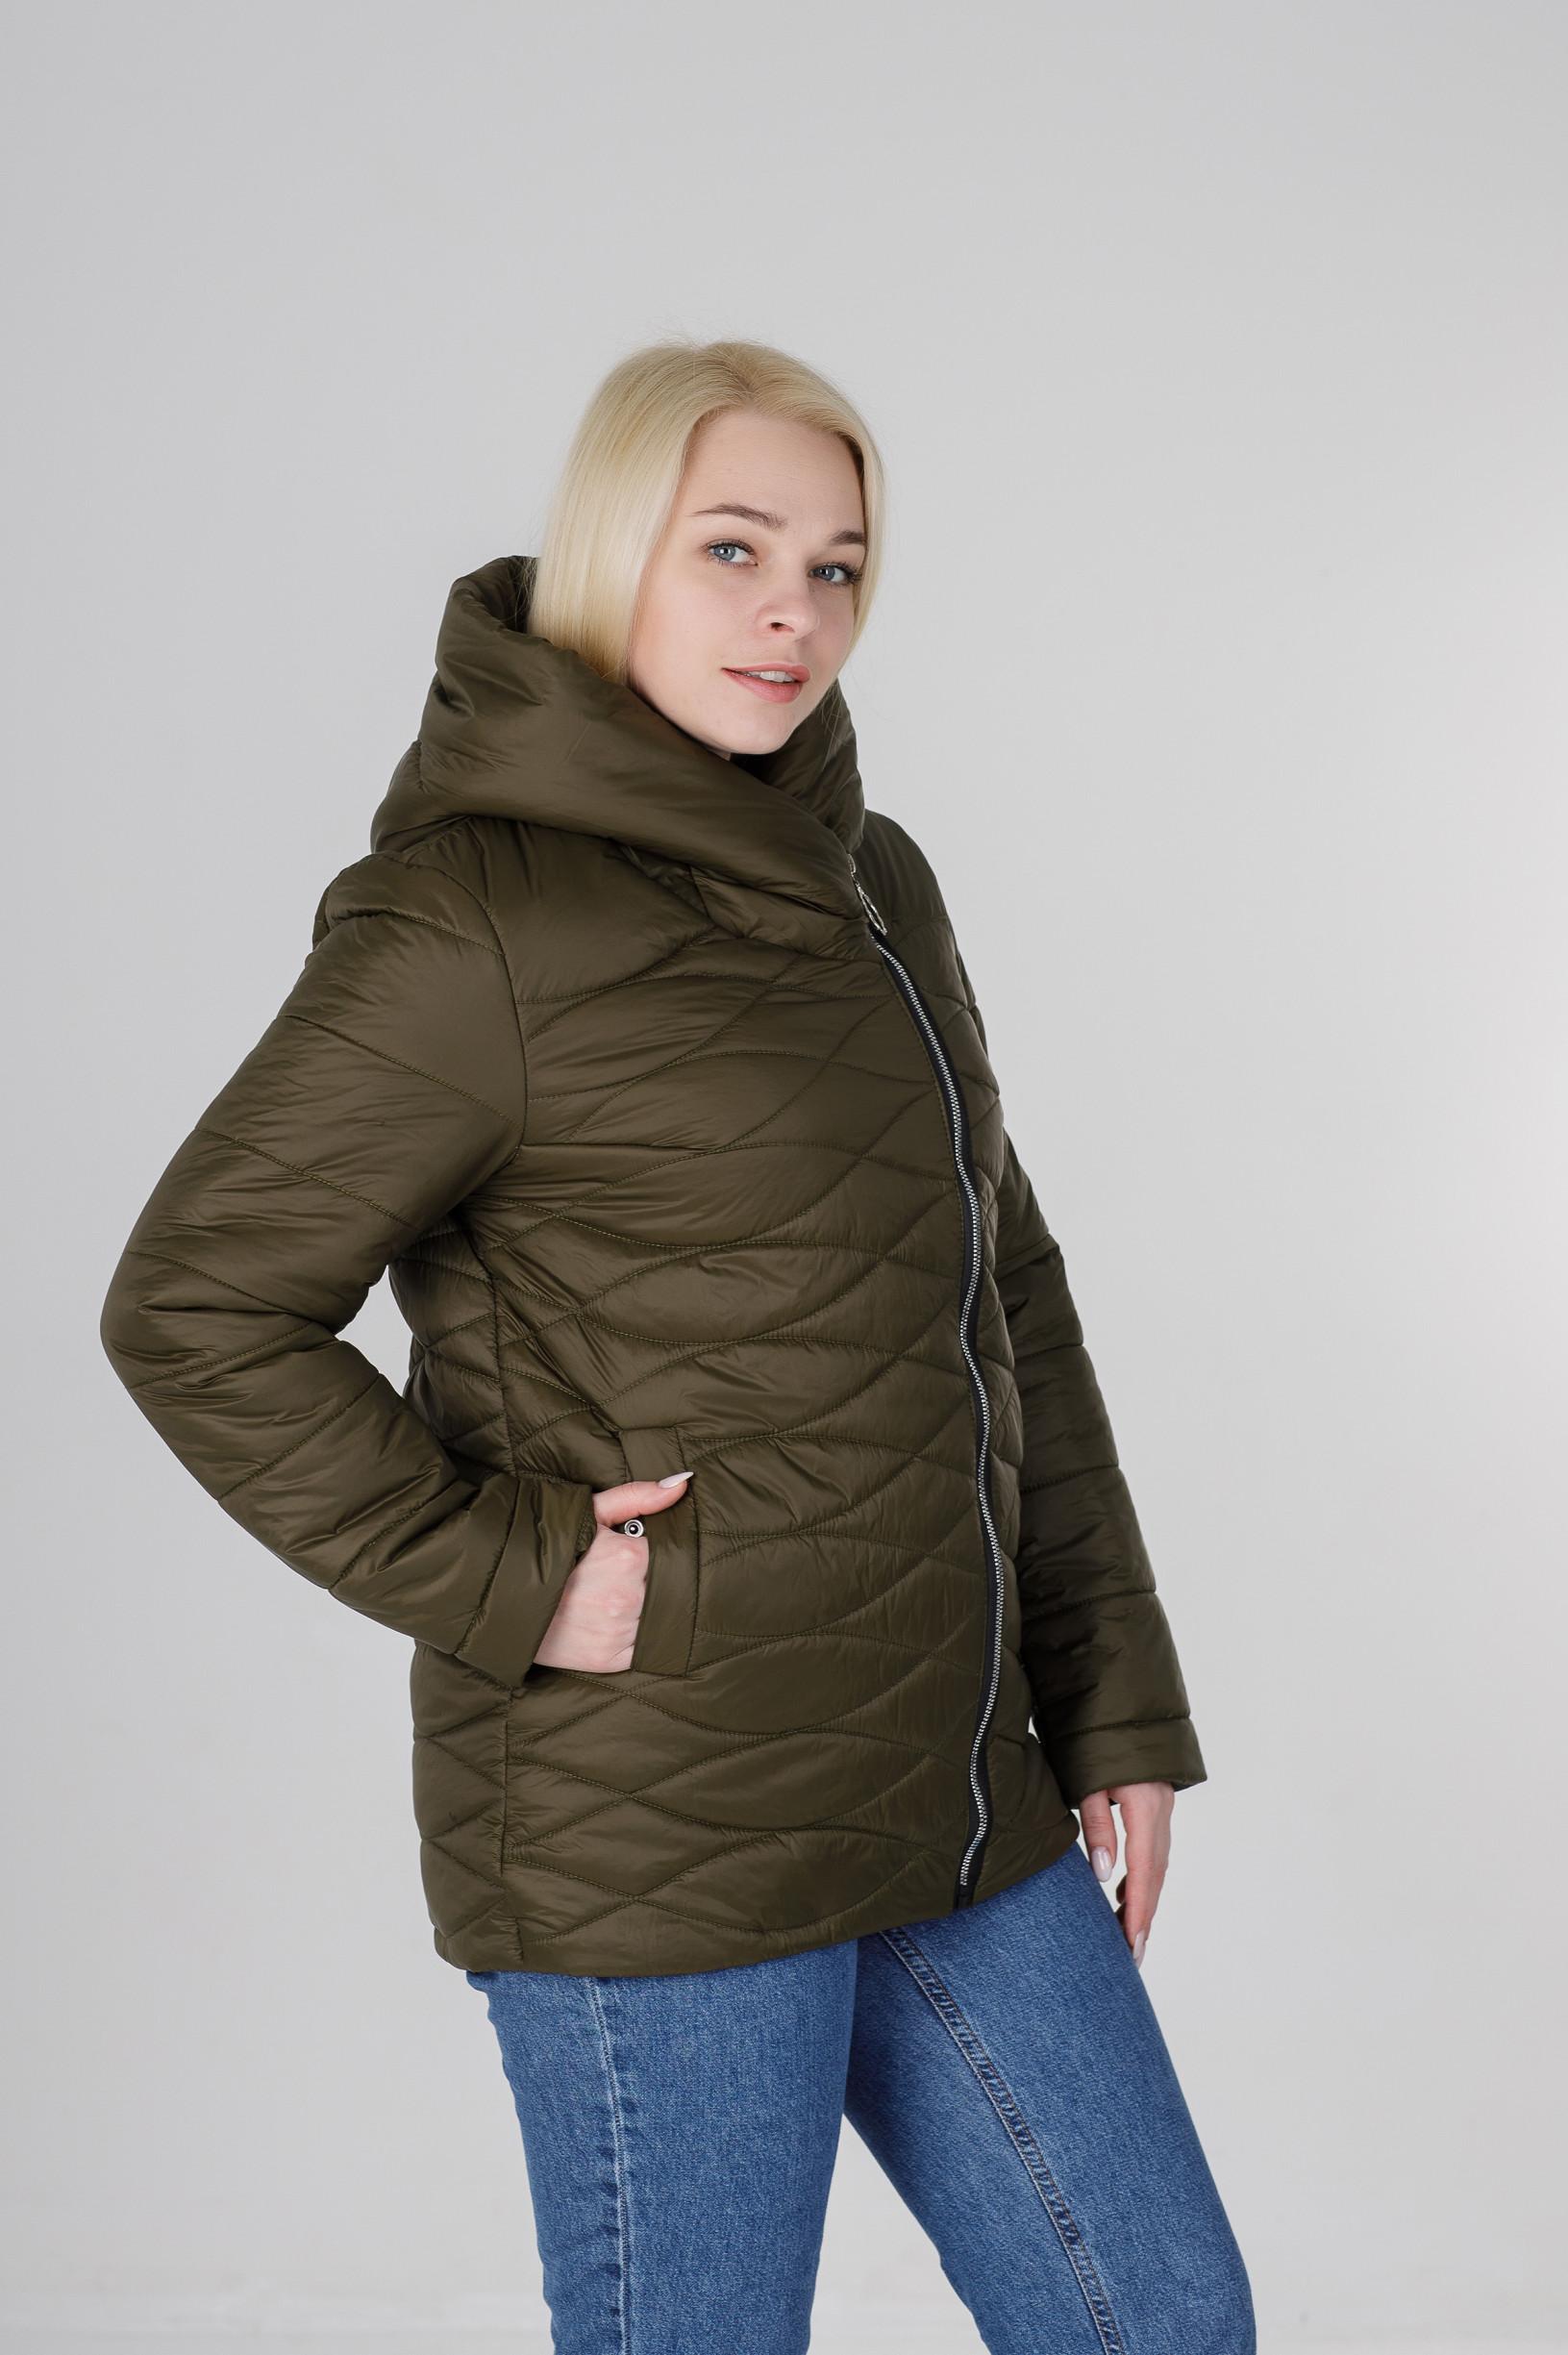 Ассиметричная весенняя женская куртка Надин хаки